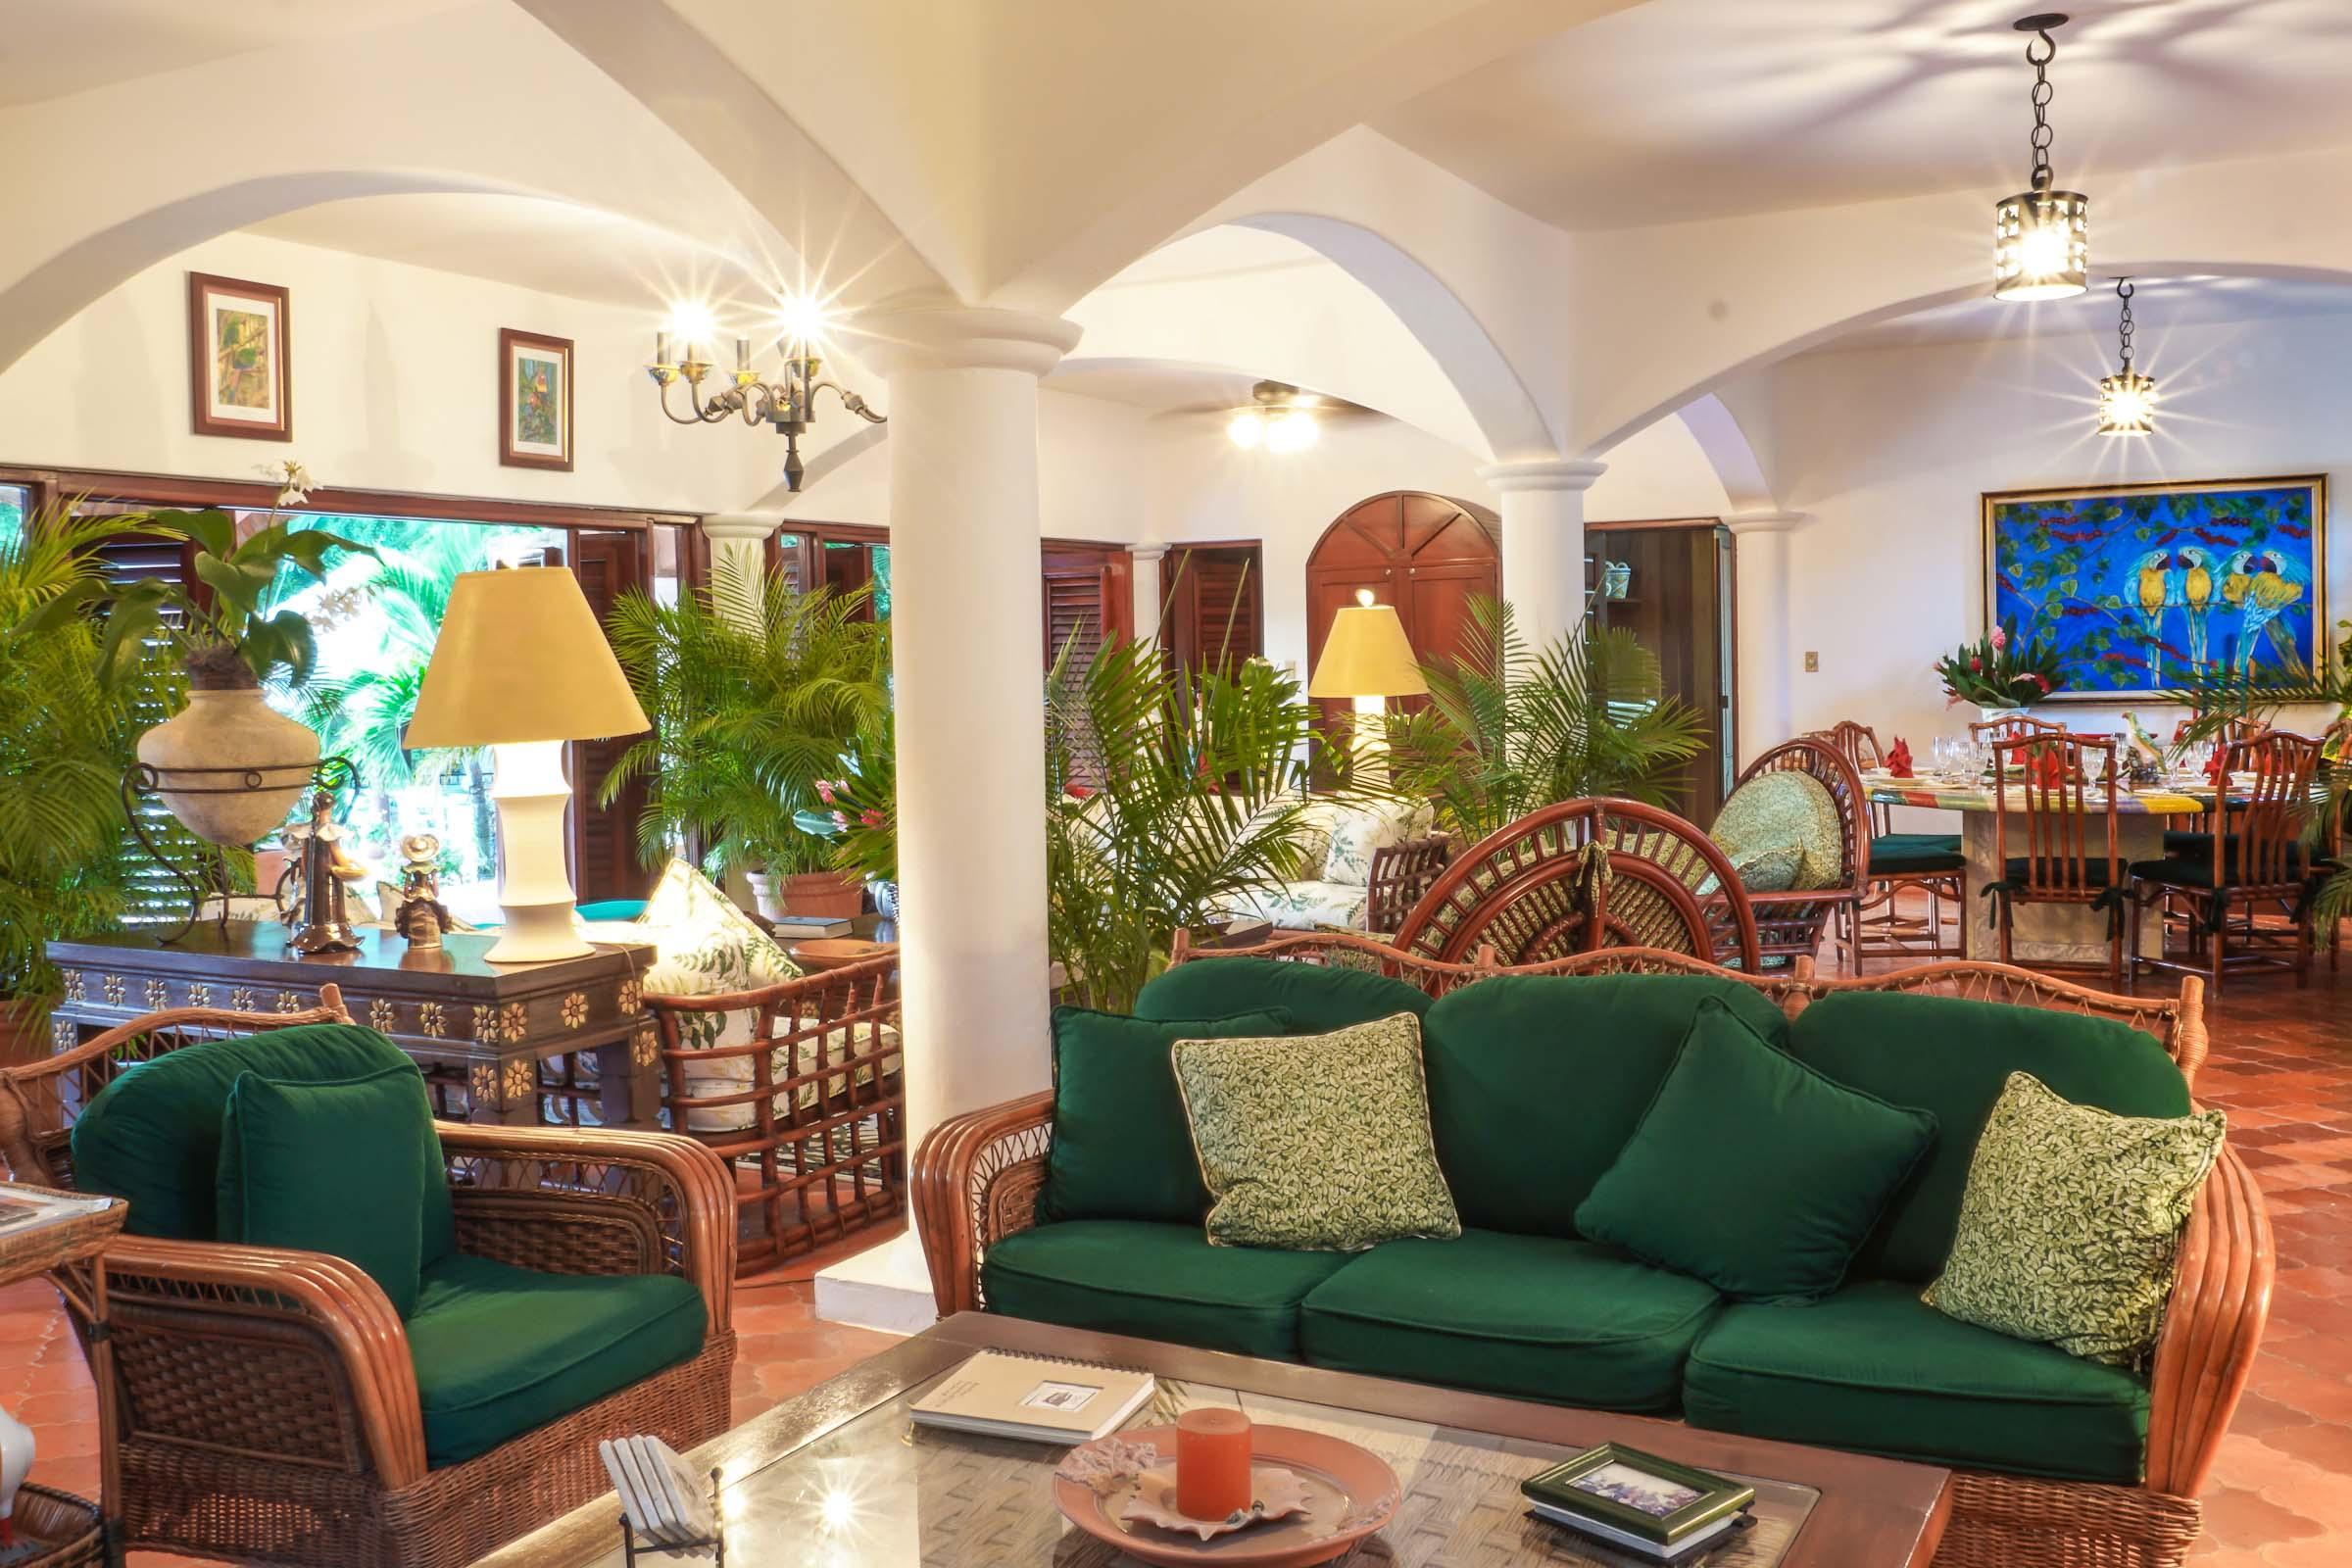 Verkoop Villa, Casa de Campo, La Romana, Dominicaanse Republiek, PUNTA ...